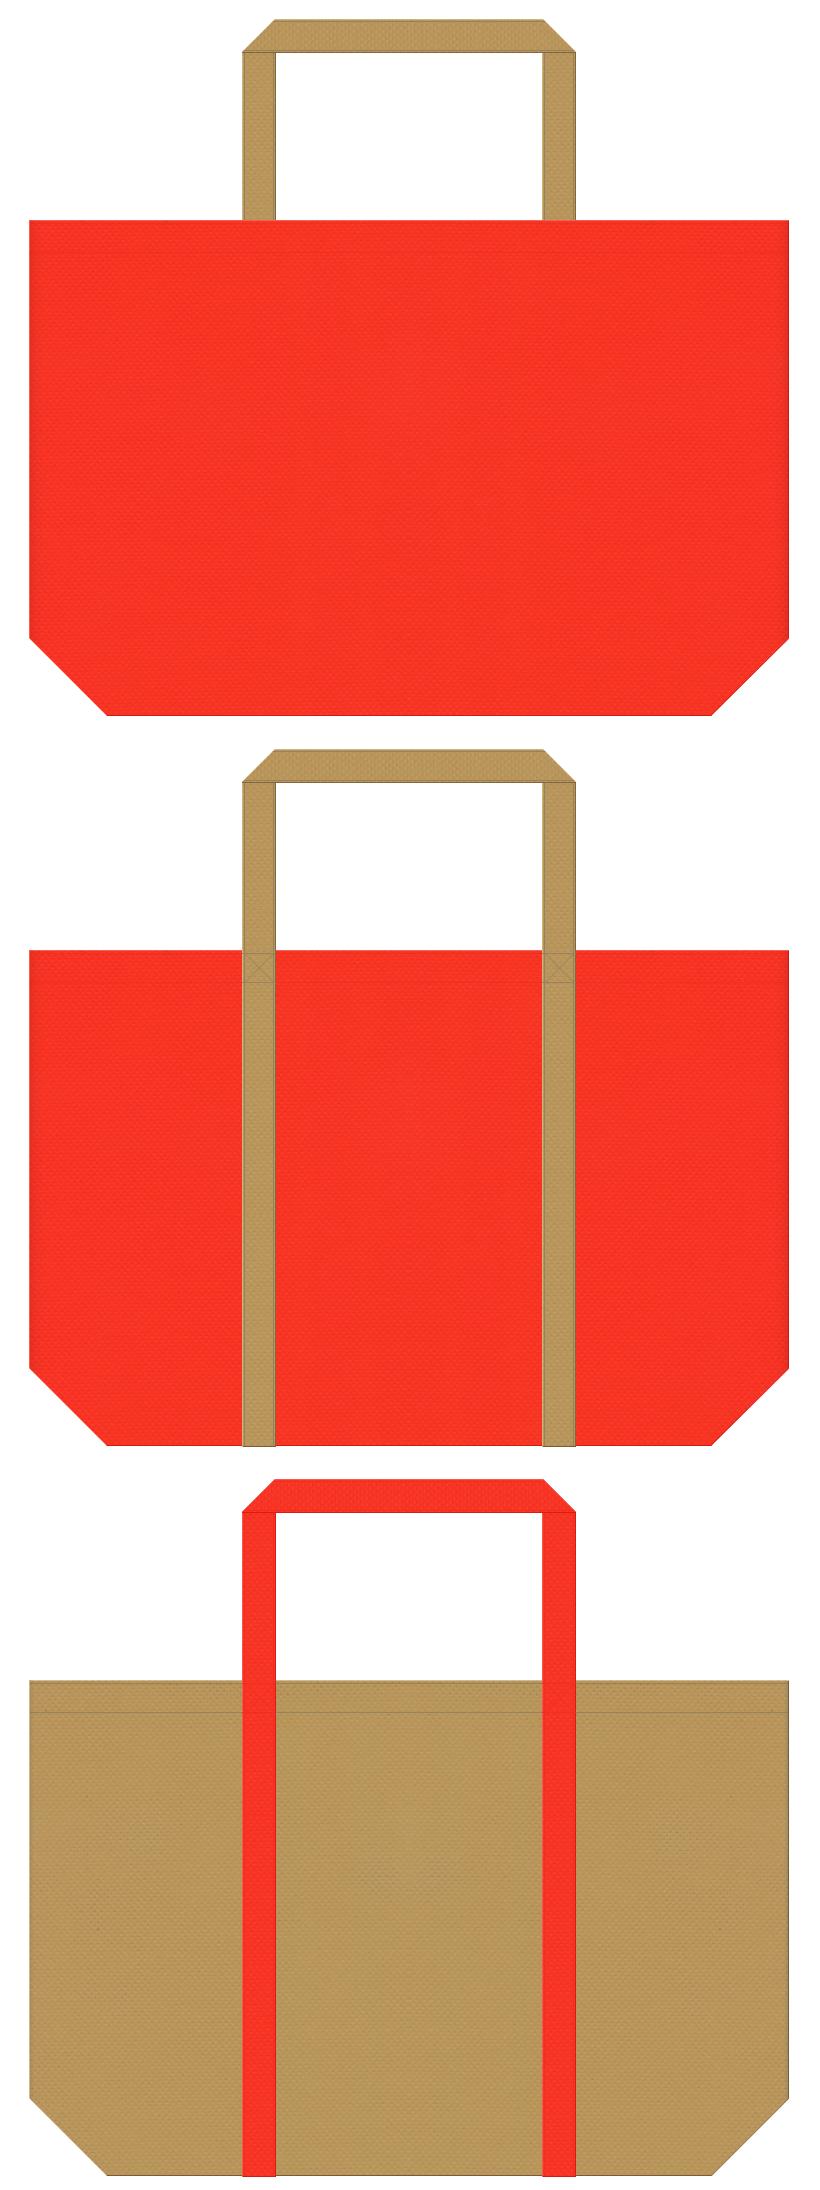 じゃがいも・にんじん・キッチン・レシピ・オニオンスープ・サラダ油・調味料・パスタ・お料理教室・ランチバッグにお奨めの不織布バッグデザイン:オレンジ色と金黄土色のコーデ